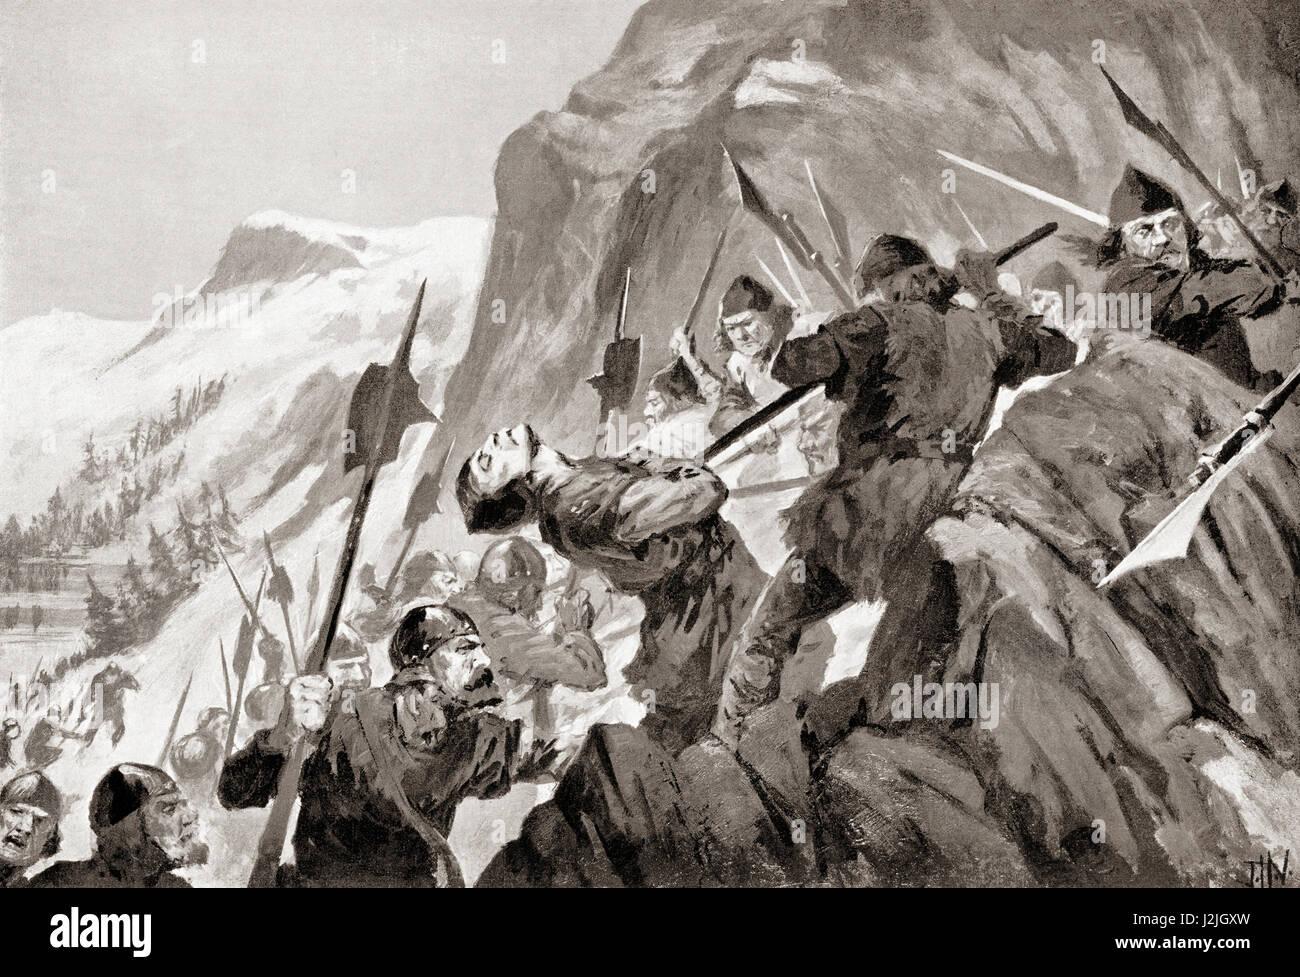 La battaglia di Morgarten morgarten pass, Svizzera, 15 novembre 1315, tra la Confederazione svizzera e soldati austriaci. Immagini Stock